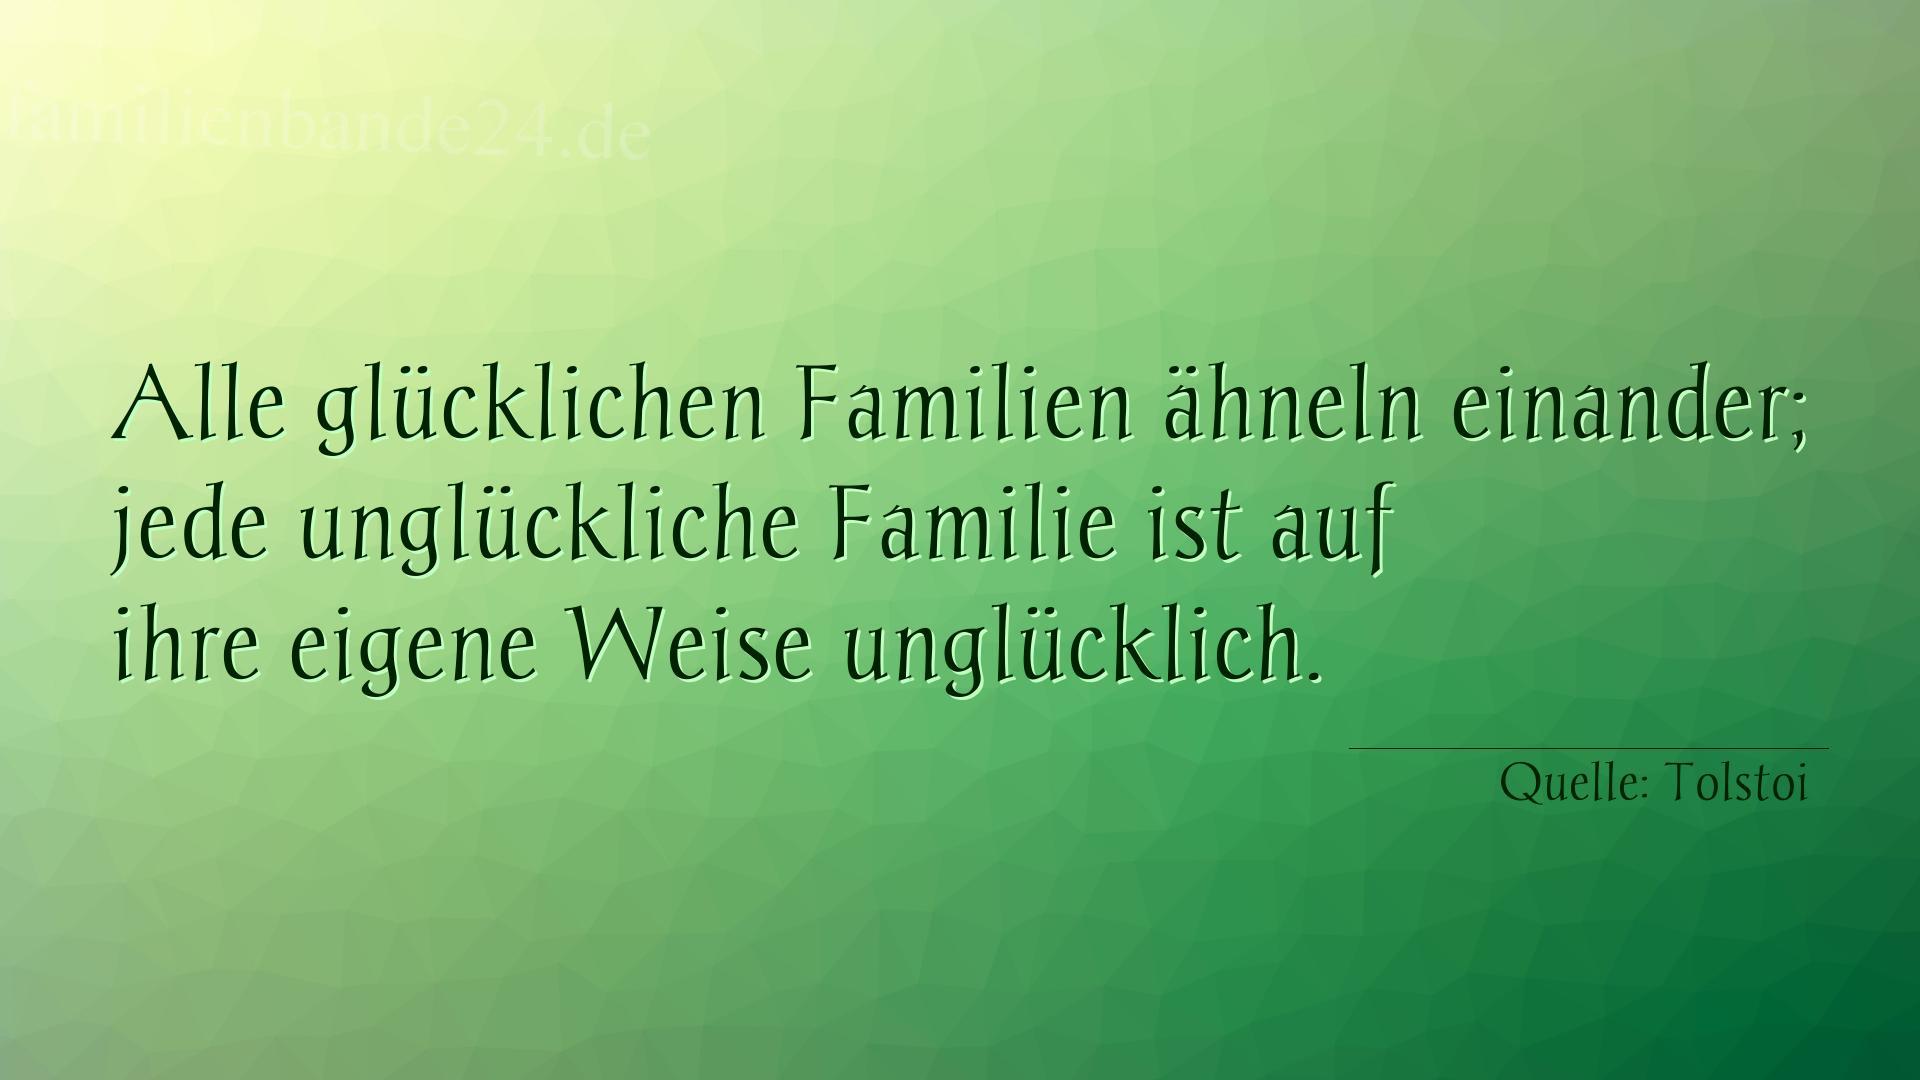 Various Kluge Sprüche Ideas Of Thumbnail Für Spruch Nr. 323 (von Tolstoi)